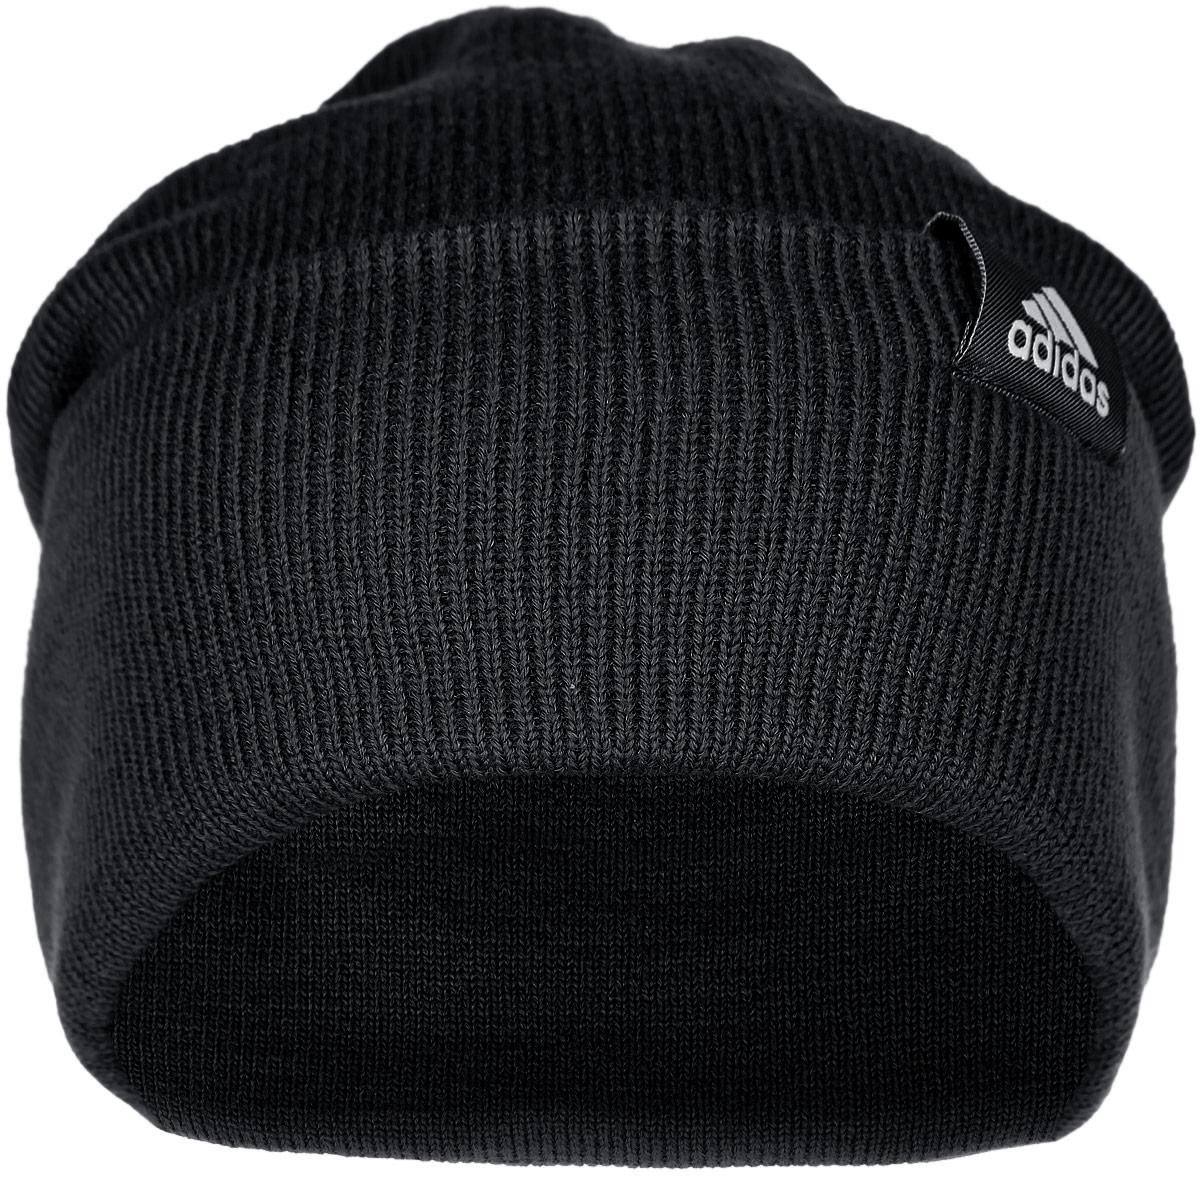 Шапка Adidas Performance, цвет: черный. AB0349. Размер 58AB0349Шапка Adidas Performance отлично подойдет для повседневной носки в прохладную погоду. Шапка выполнена из высококачественного акрила, что позволяет ей максимально сохранять тепло и обеспечивает идеальную посадку. Модель выполнена с отворотом.Такая шапка станет модным дополнением к вашему гардеробу. Она подарит вам ощущение тепла и комфорта. Уважаемые клиенты!Размер, доступный для заказа, является обхватом головы.